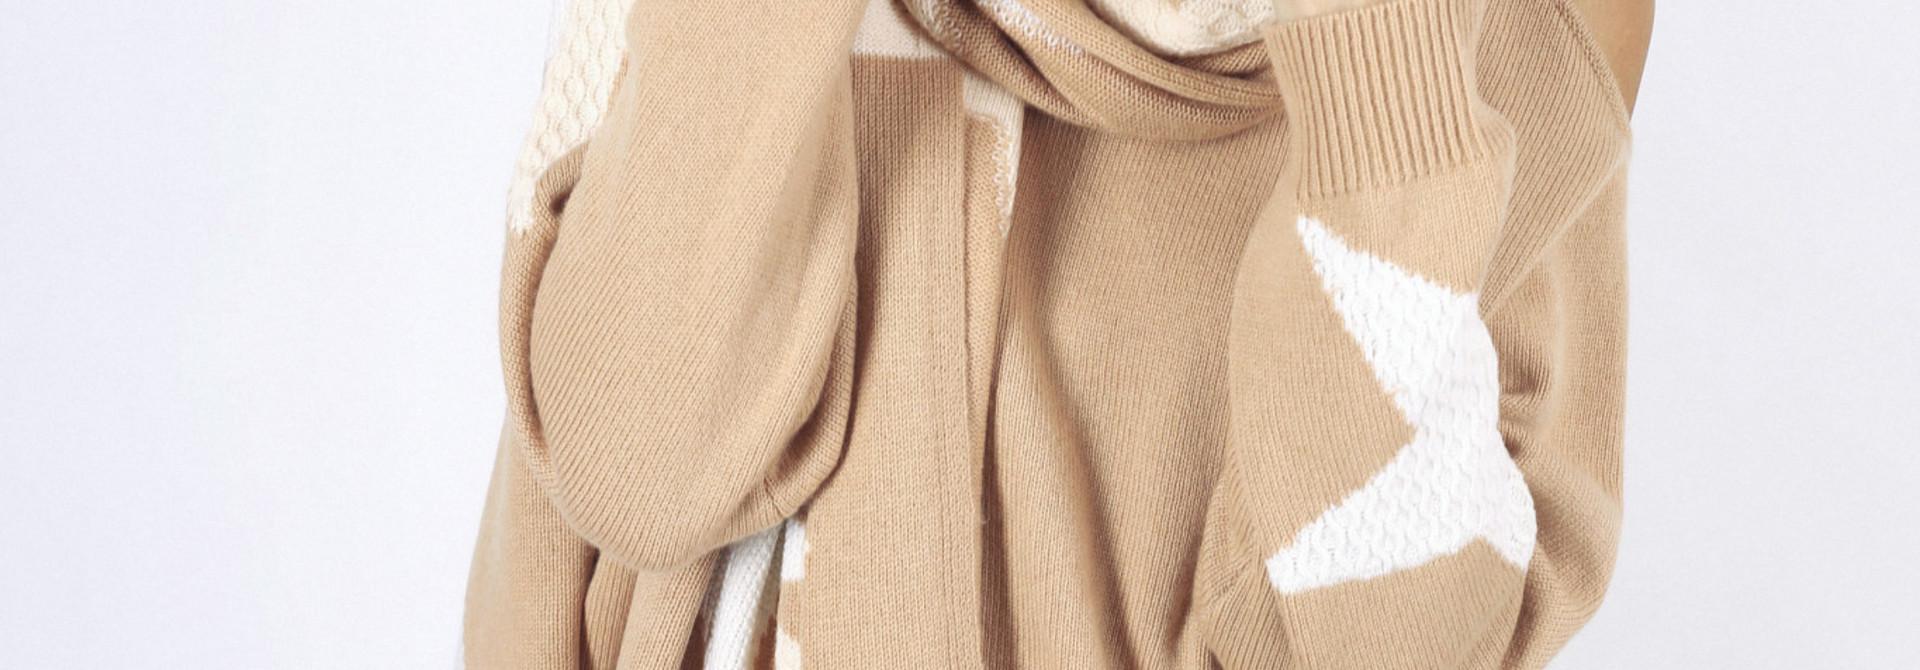 Phidela sweater Max et Moi